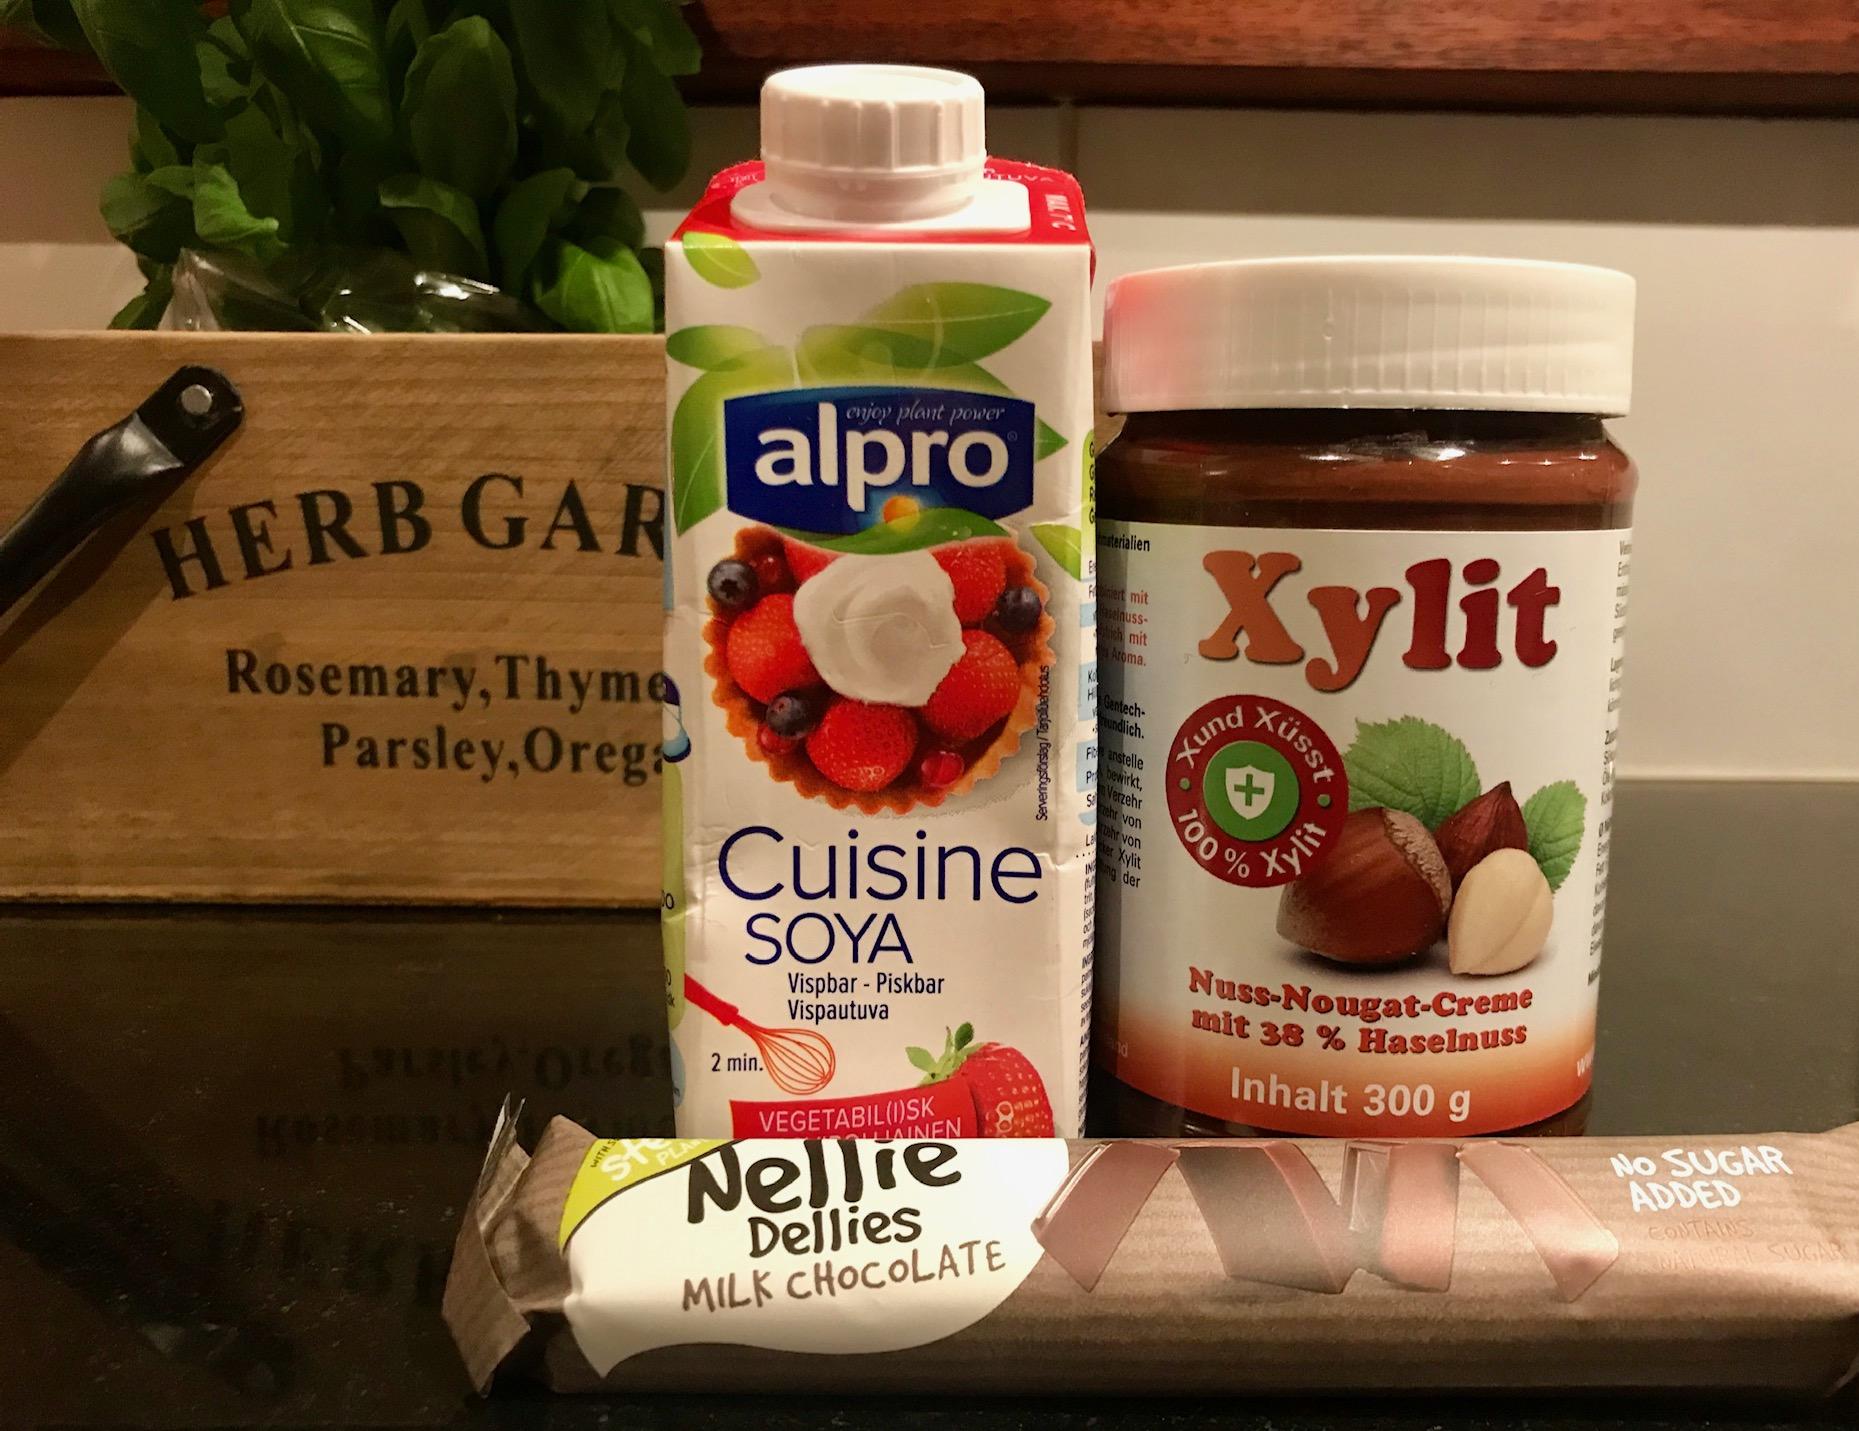 Så här ser ingredienserna ut. Oftast gör jag alltså glassen enbart på två ingredienser; Cuisine soya och Xylit. Mums!